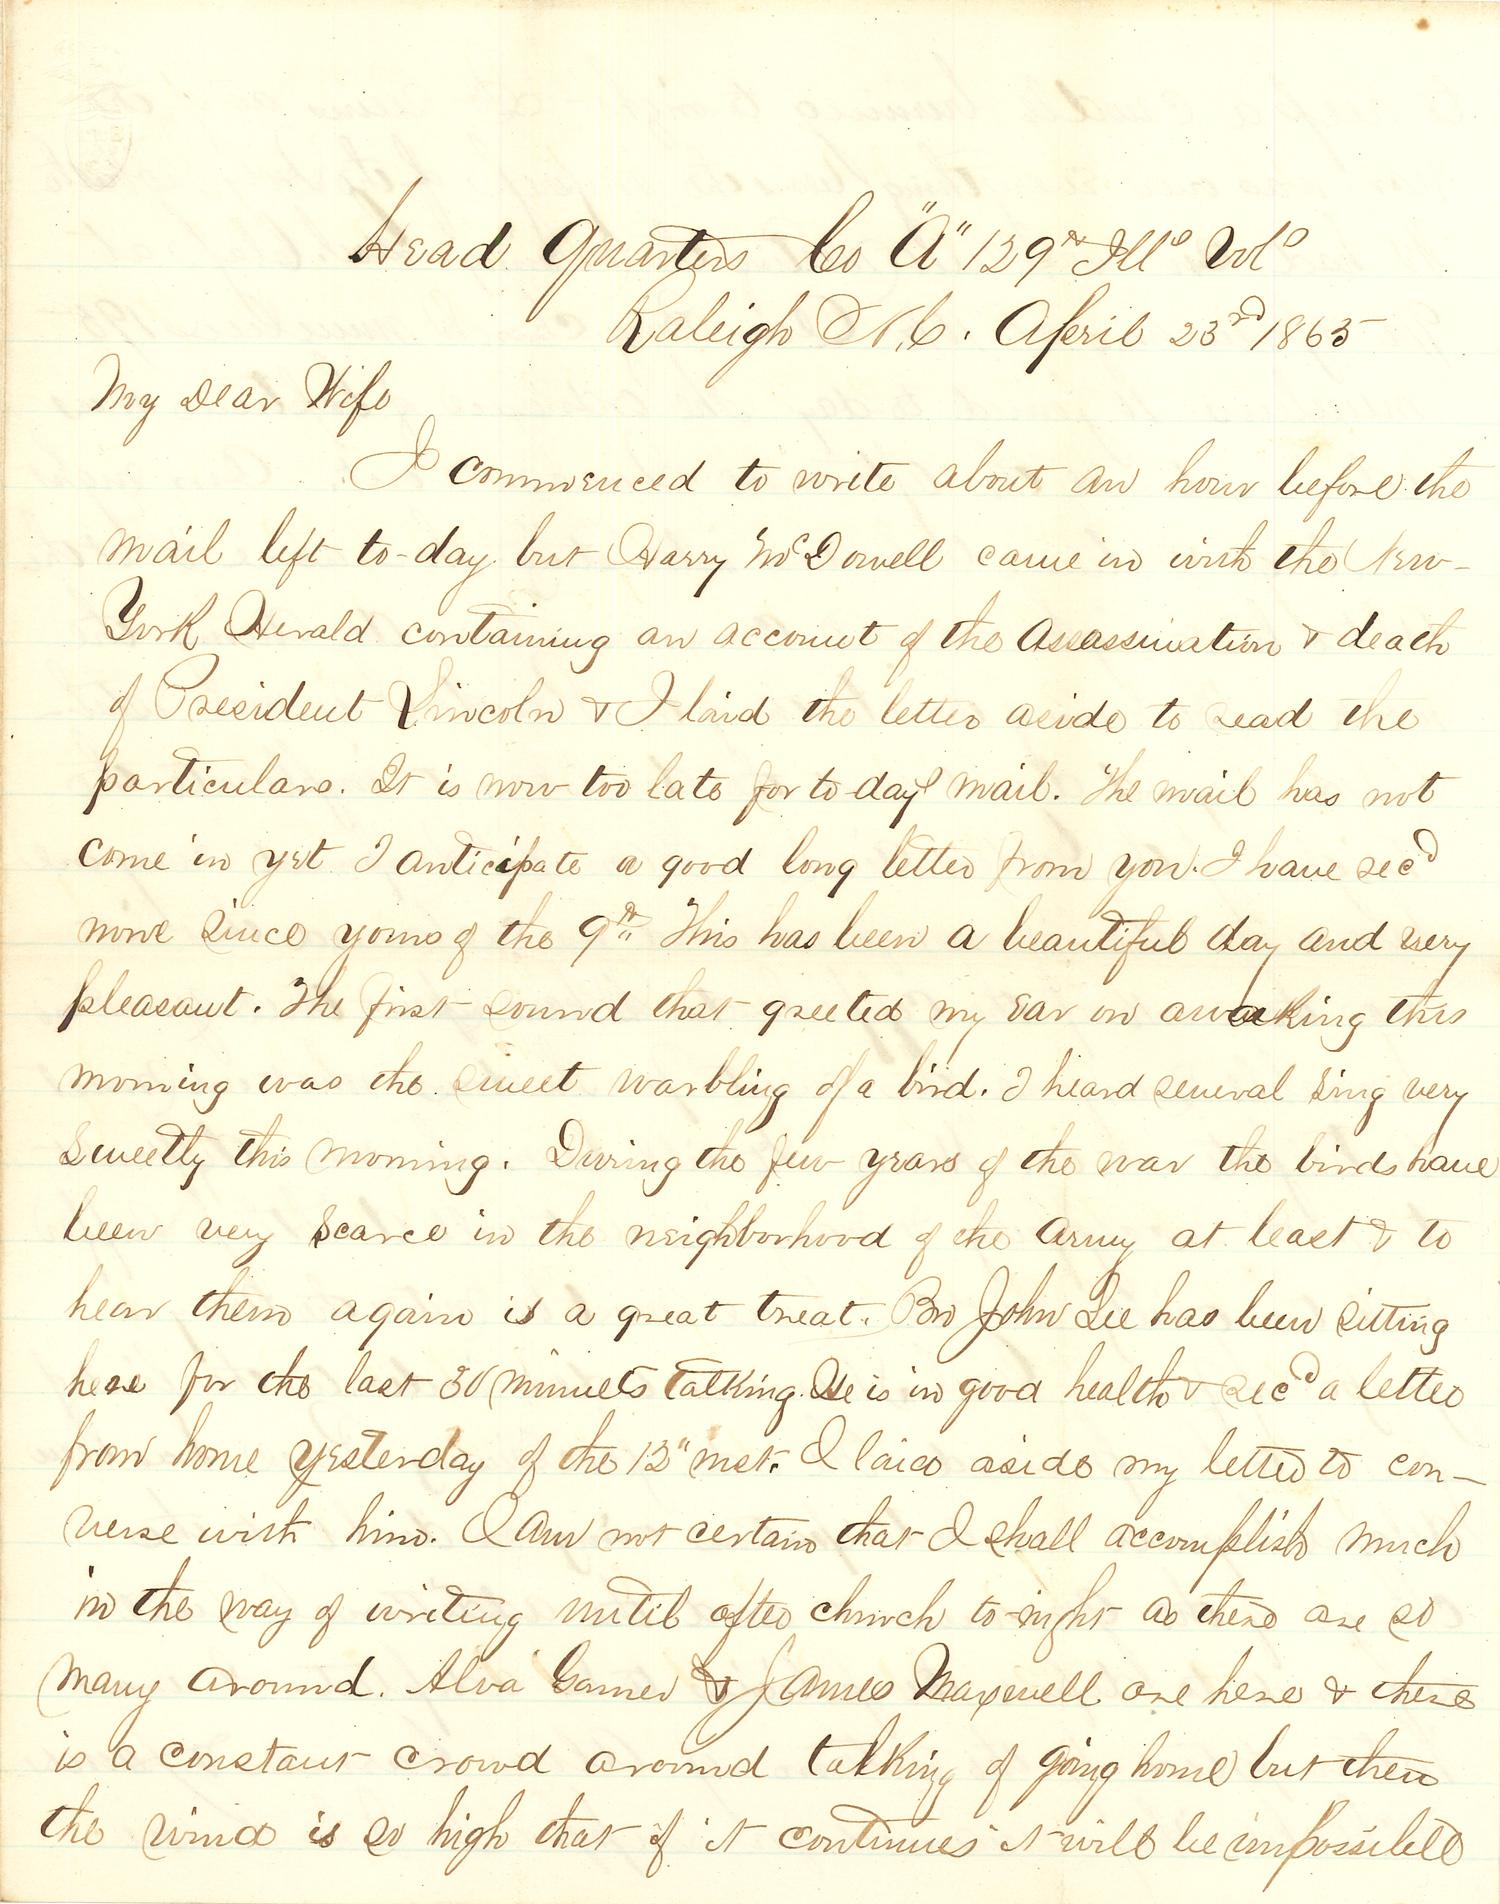 Joseph Culver Letter, April 23, 1865, Page 1